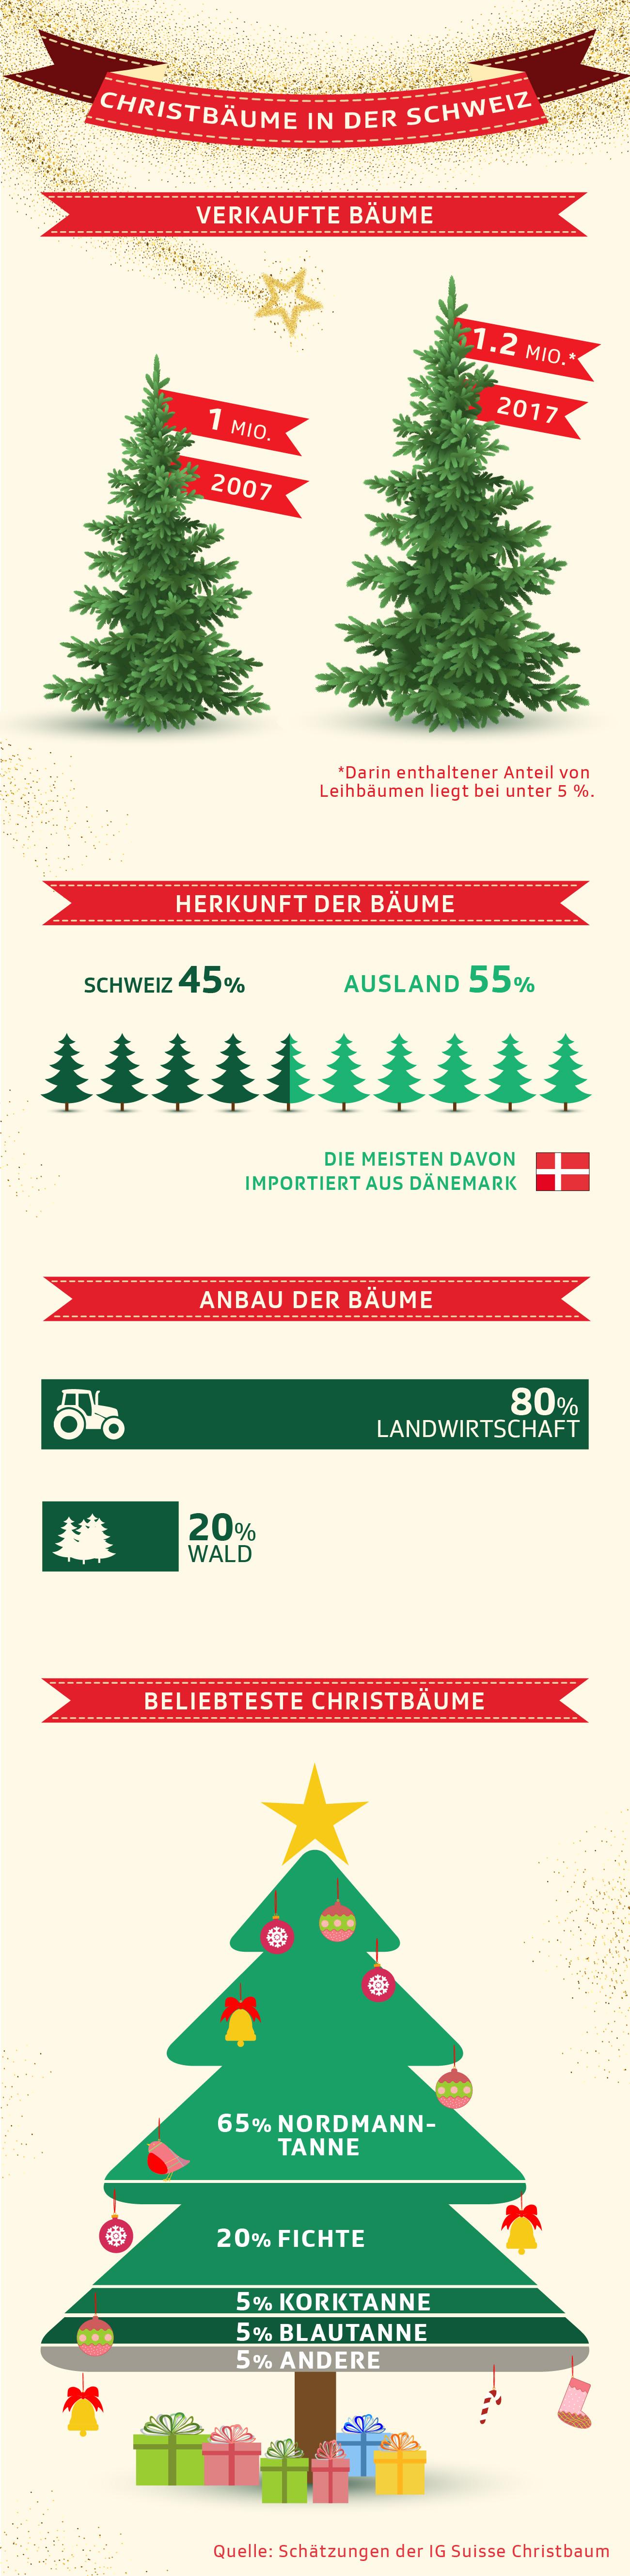 Grafik zeigt Fakten zum Christbaum in der Schweiz